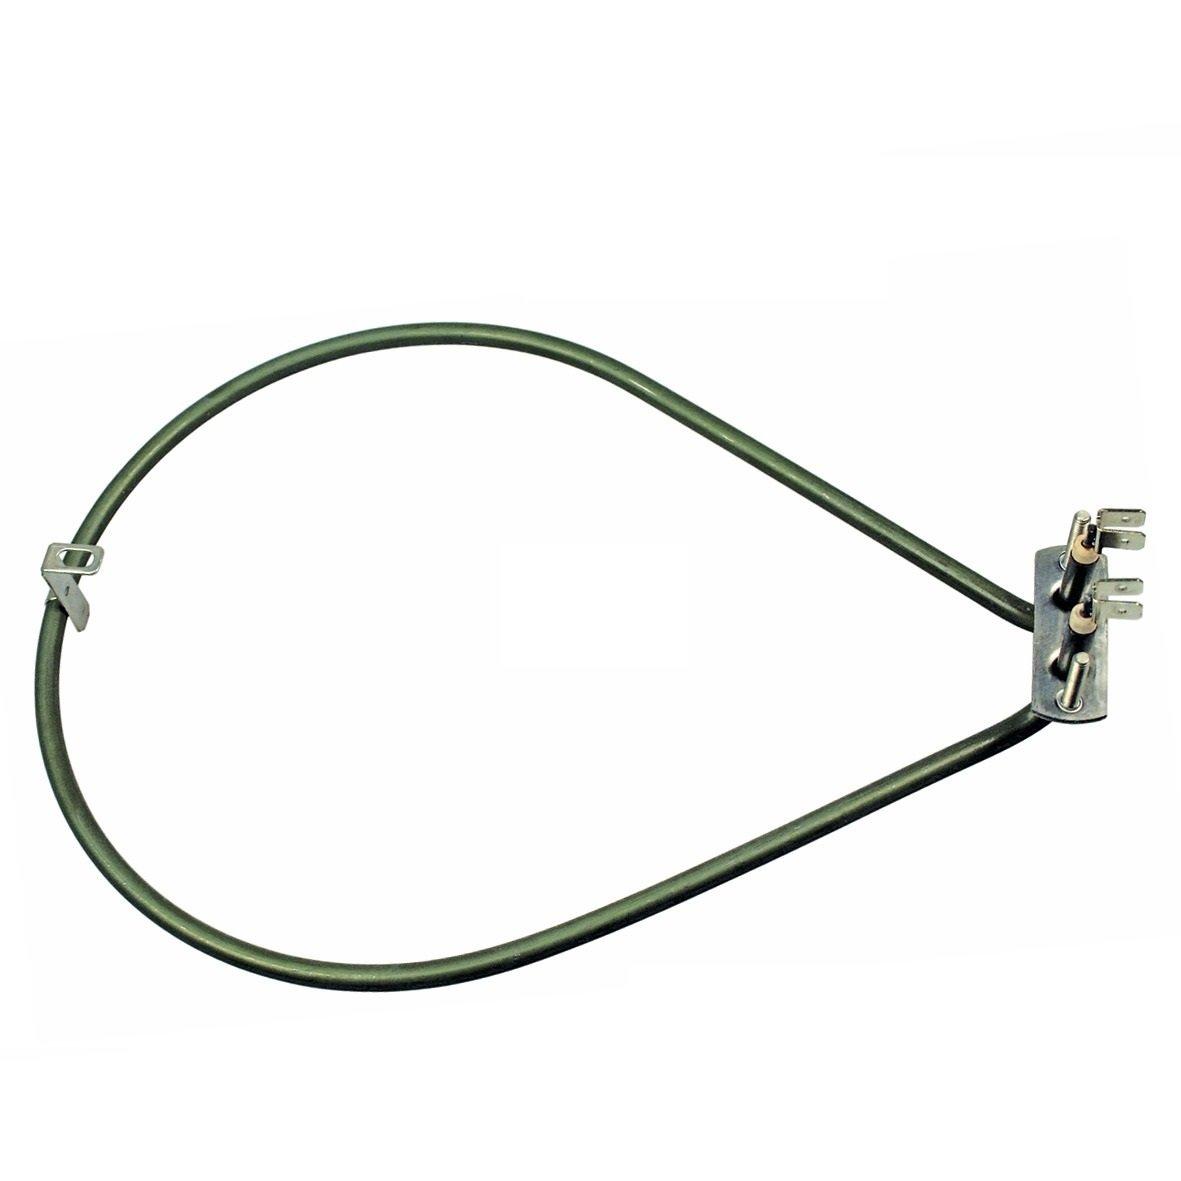 Heizelement Heizspirale Heizung Heiß luft Umluft 1200W 220V Herd Backofen wie Electrolux AEG 899661912880 Universal